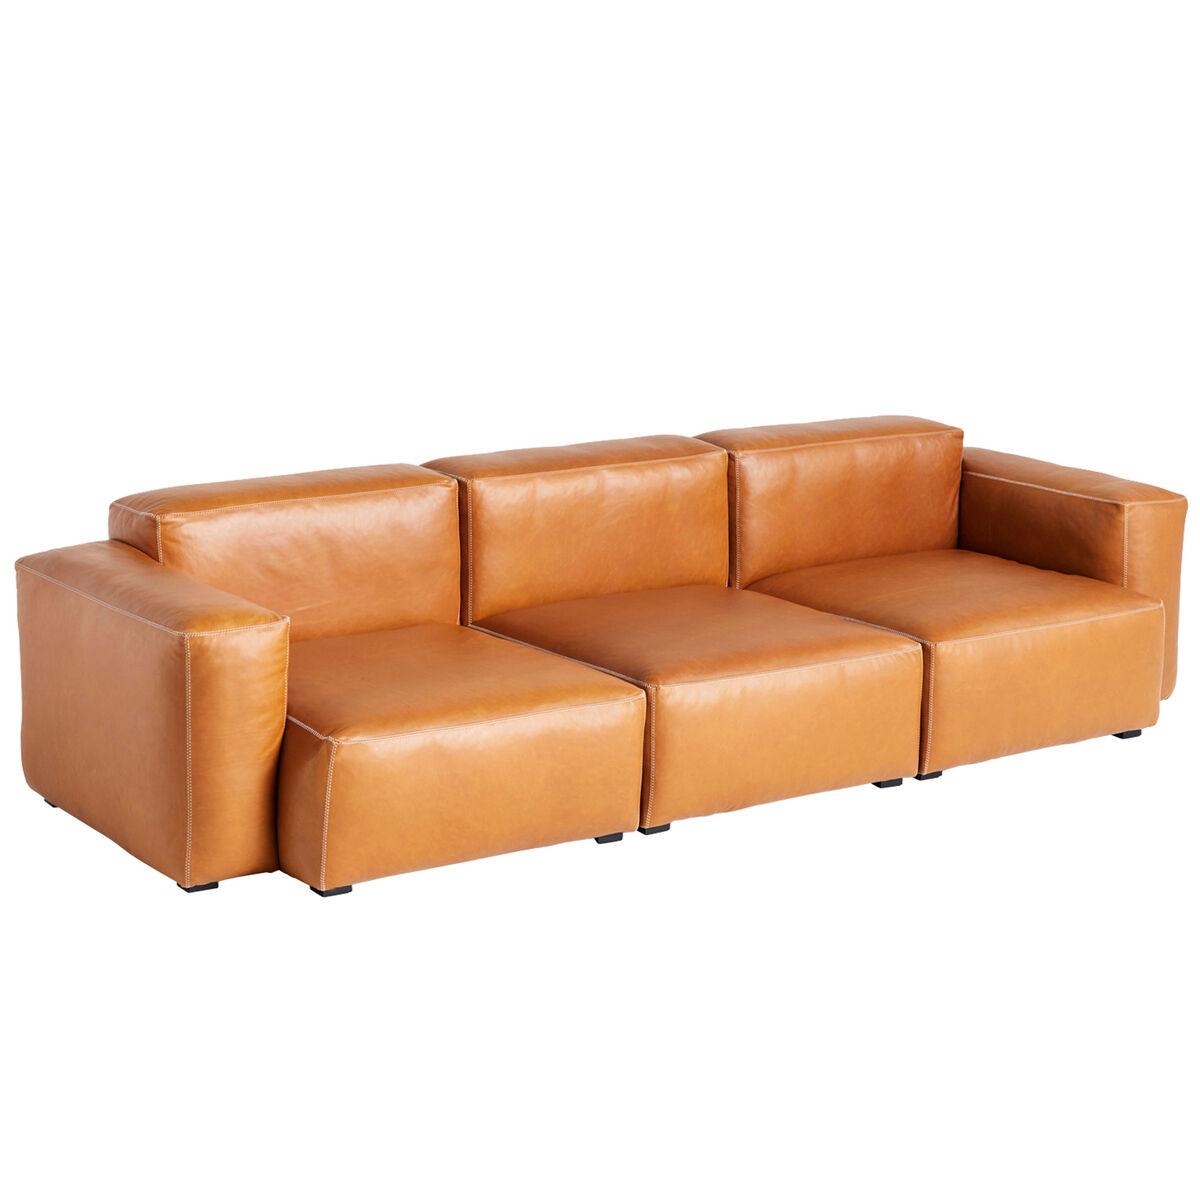 Image of Hay Mags Soft sohva 3-ist/269 cm, matala käsinoja, Silk 0250